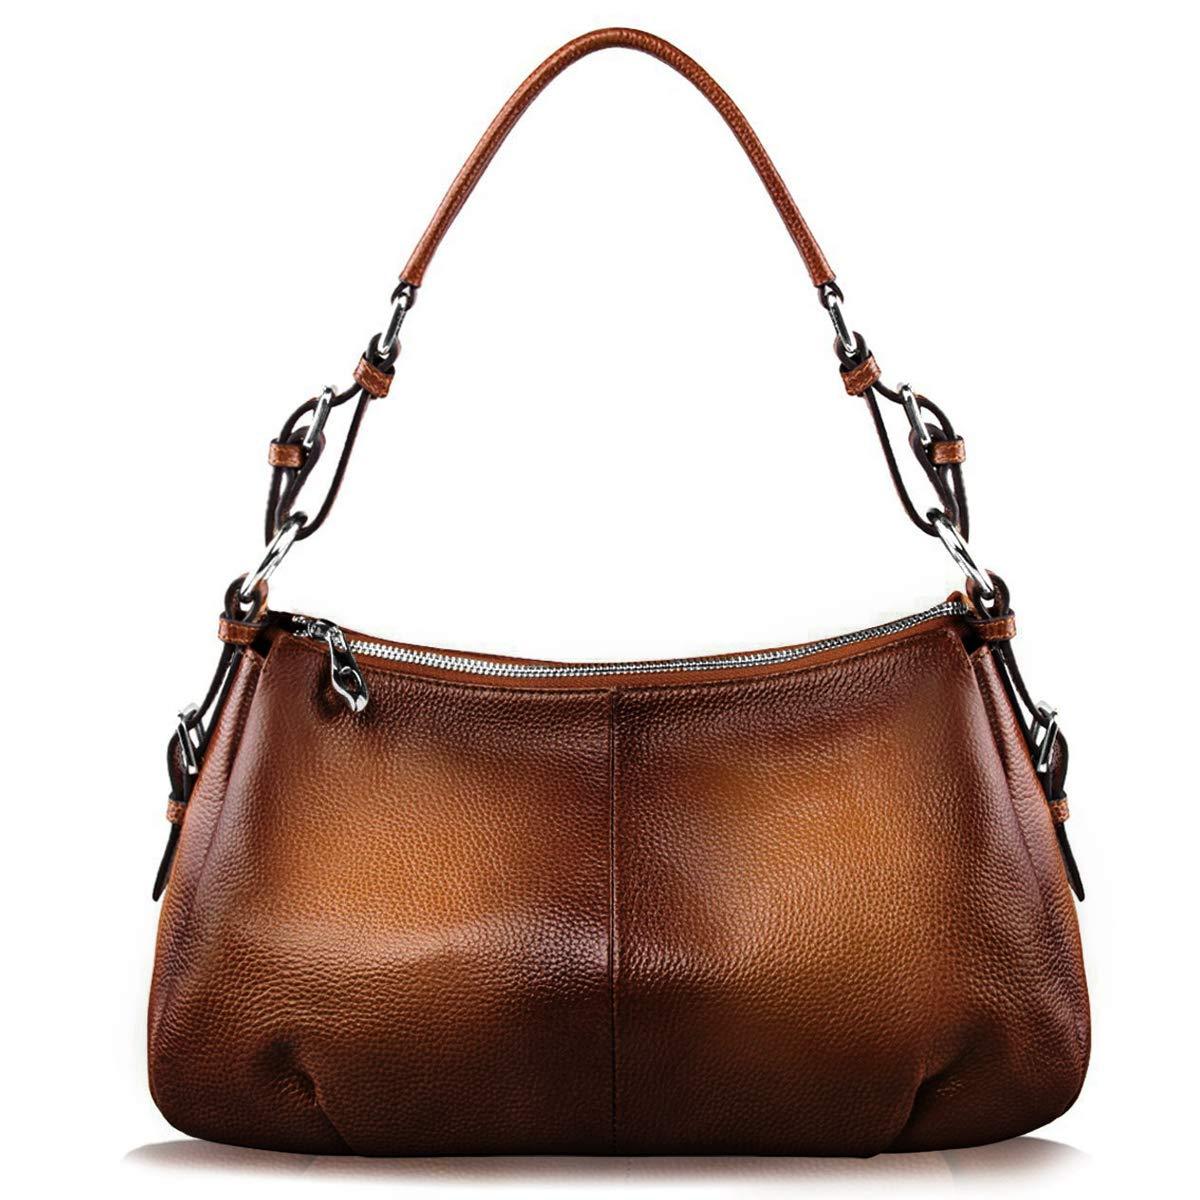 S-ZONE Womens Hobo Genuine Leather Shoulder Bag Top-handle Handbag Ladies Purses (Dark Brown)